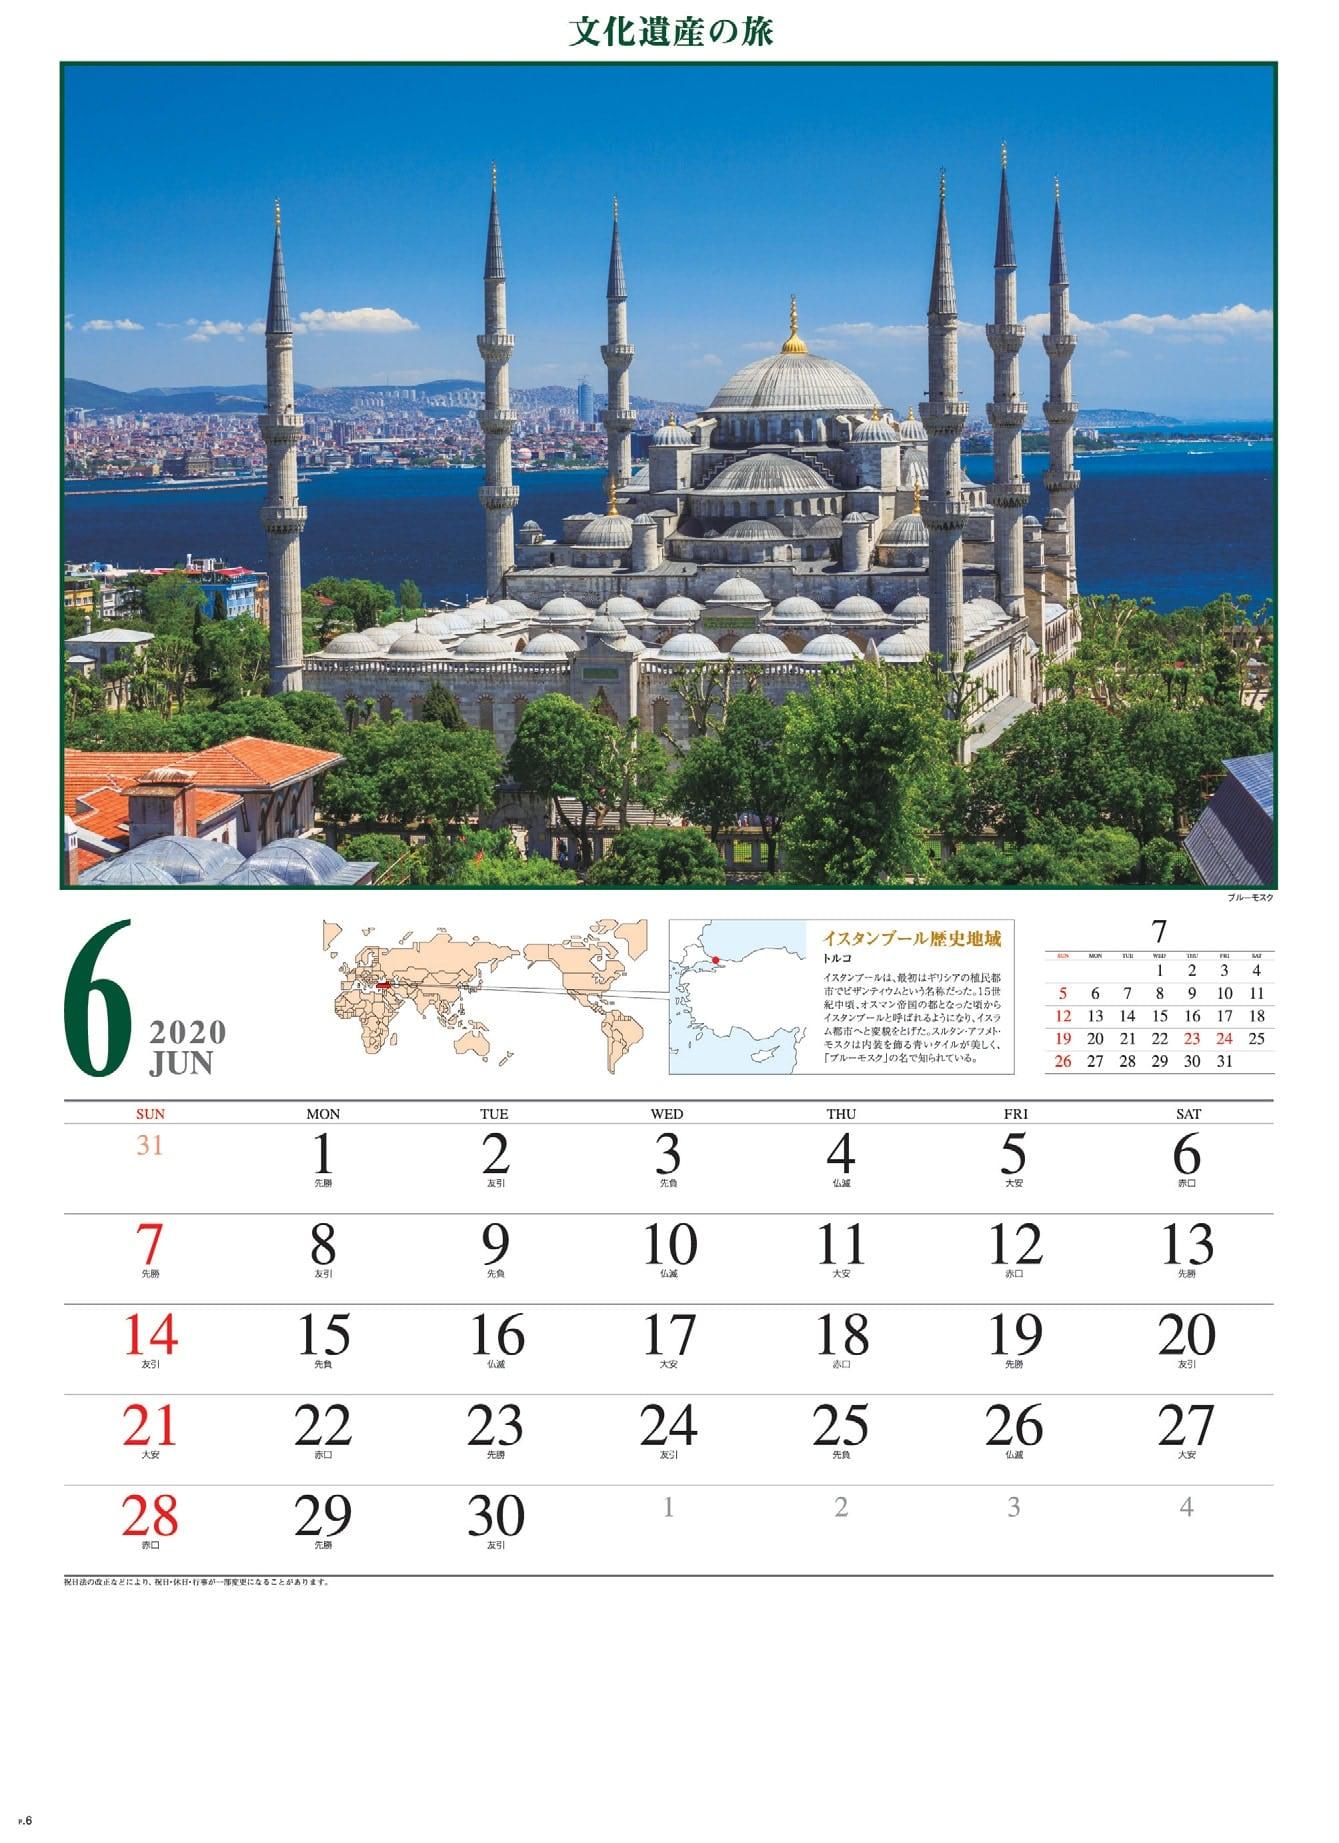 画像:ブルーモスク(トルコ) 文化遺産の旅(ユネスコ世界遺産) 2020年カレンダー